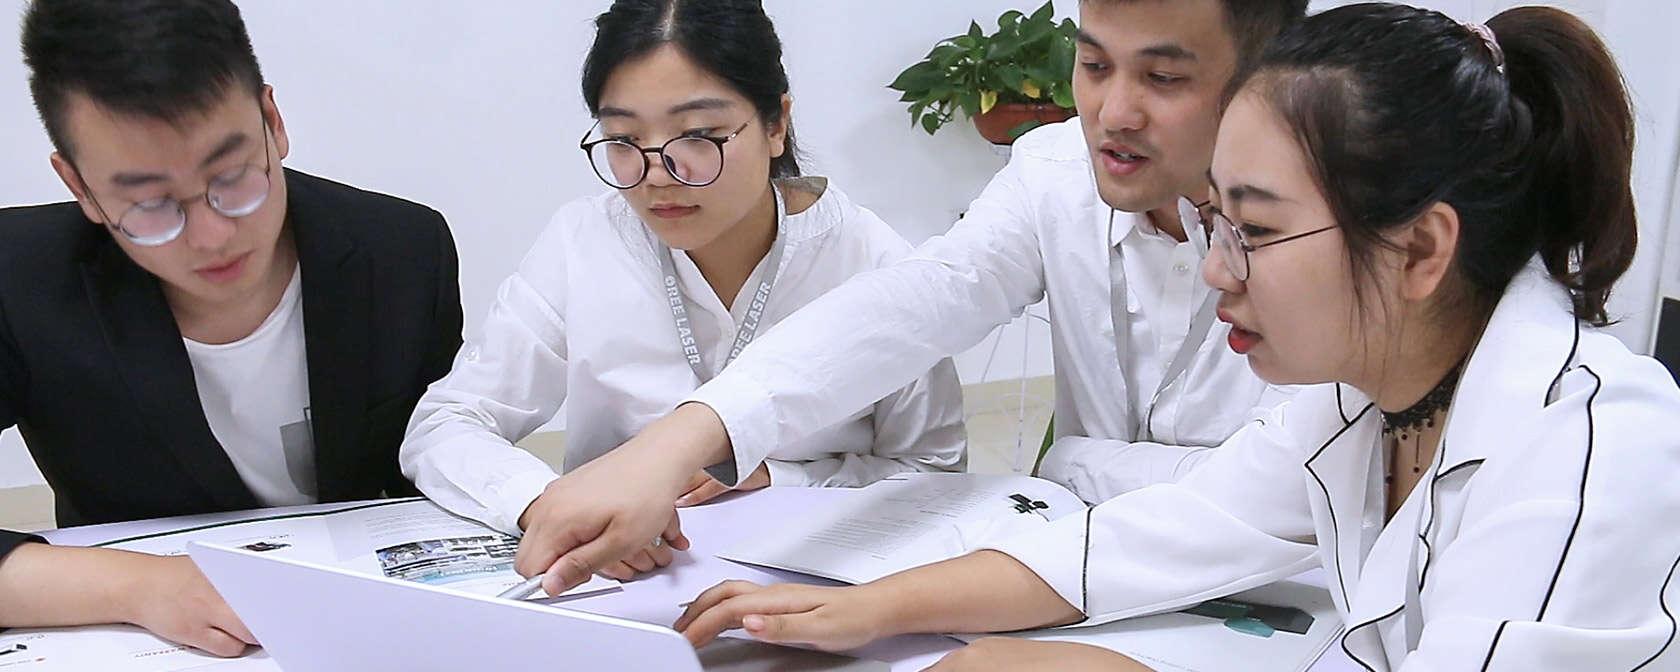 2017 Семинар по предприятиям внешней торговли Цзянань